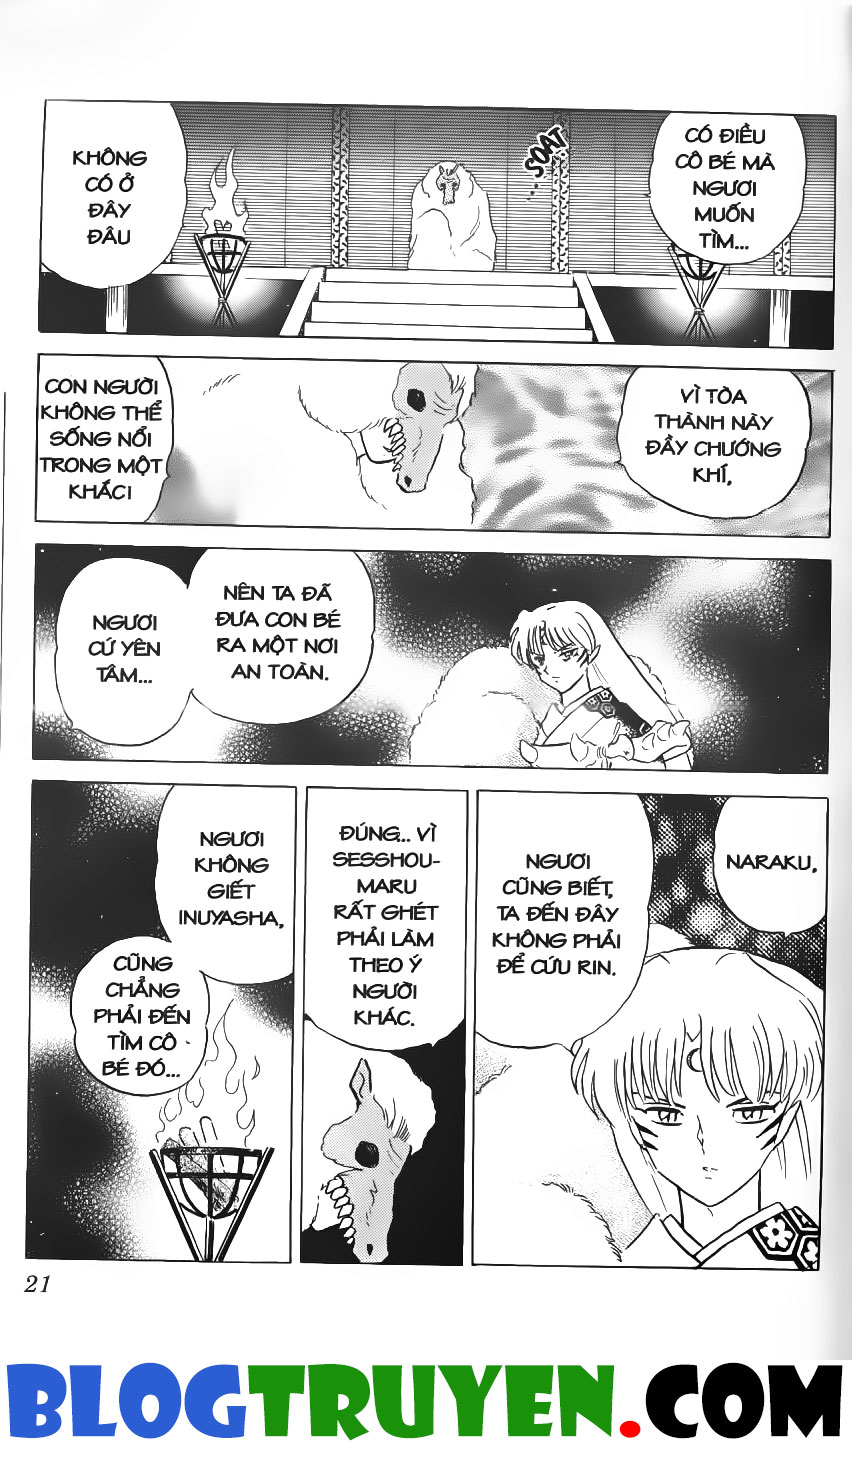 Inuyasha vol 23.1 trang 19